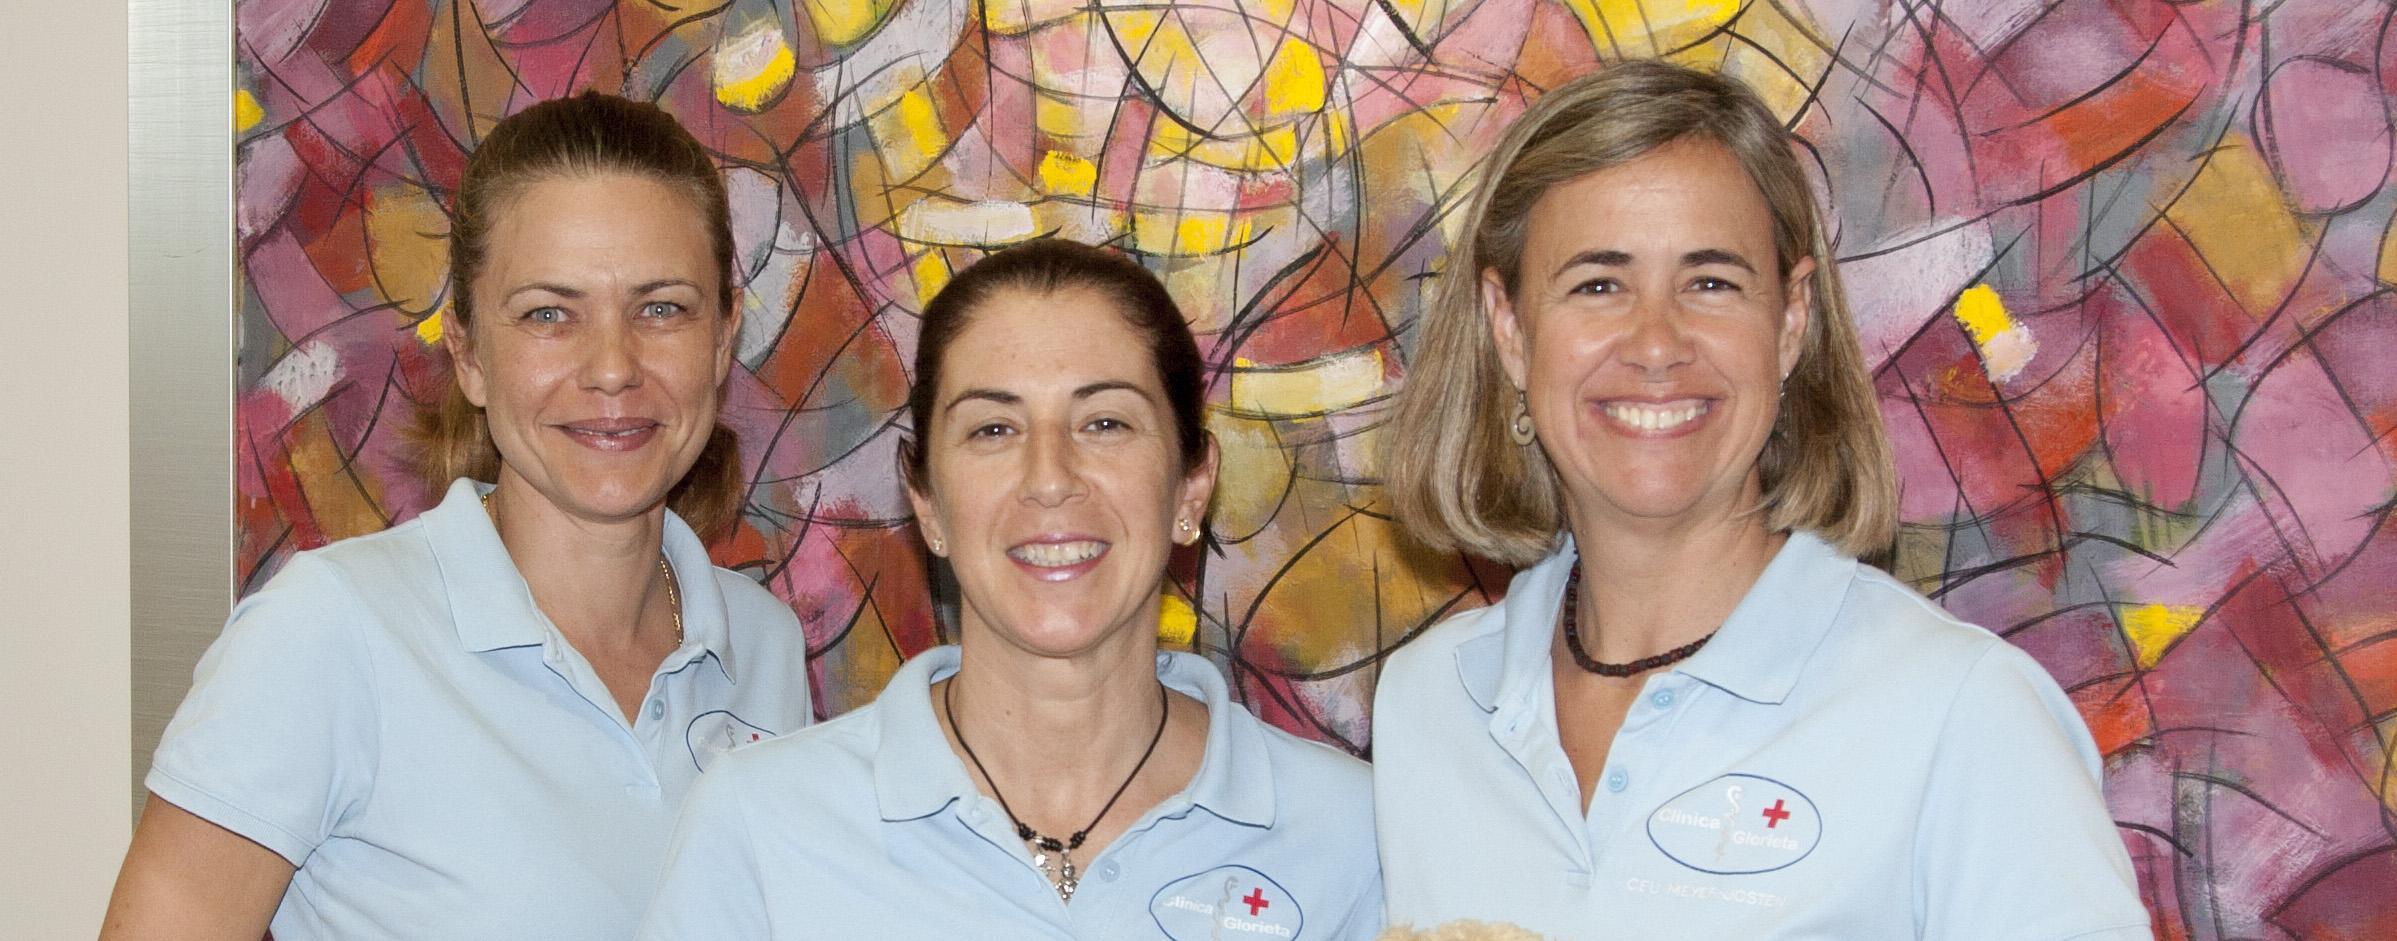 Enfermeras de la Clínica Glorieta